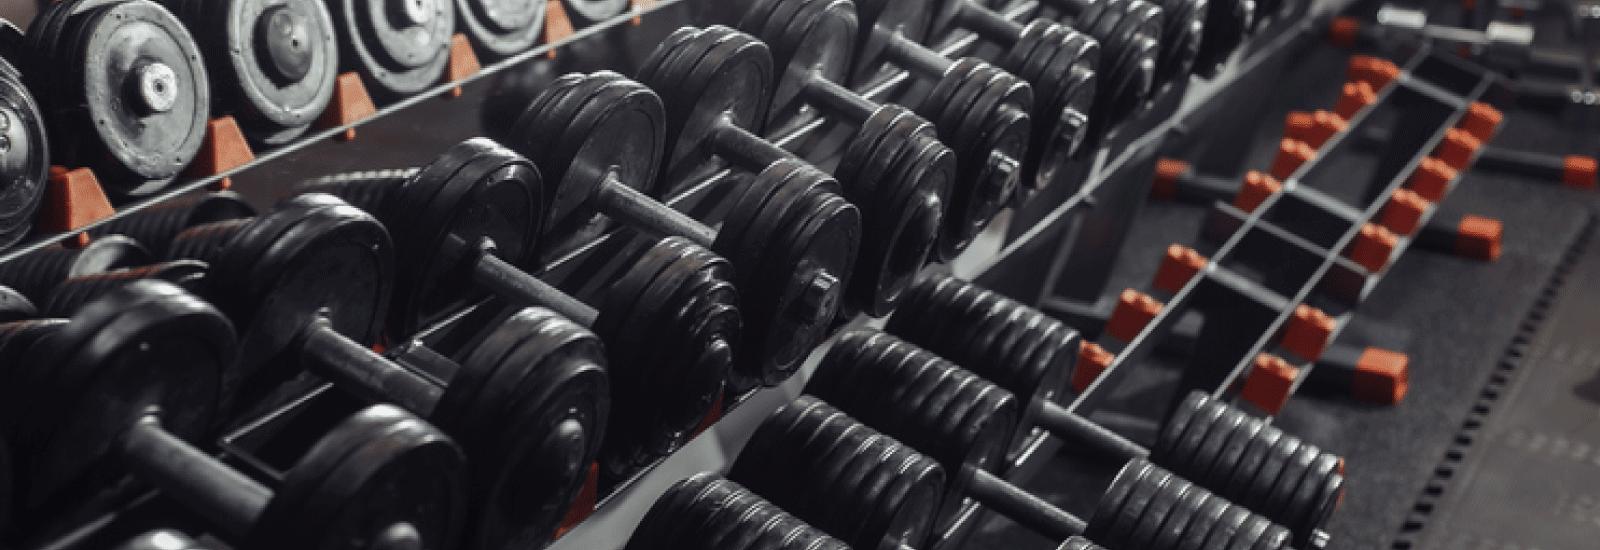 Eglin AFB Gym